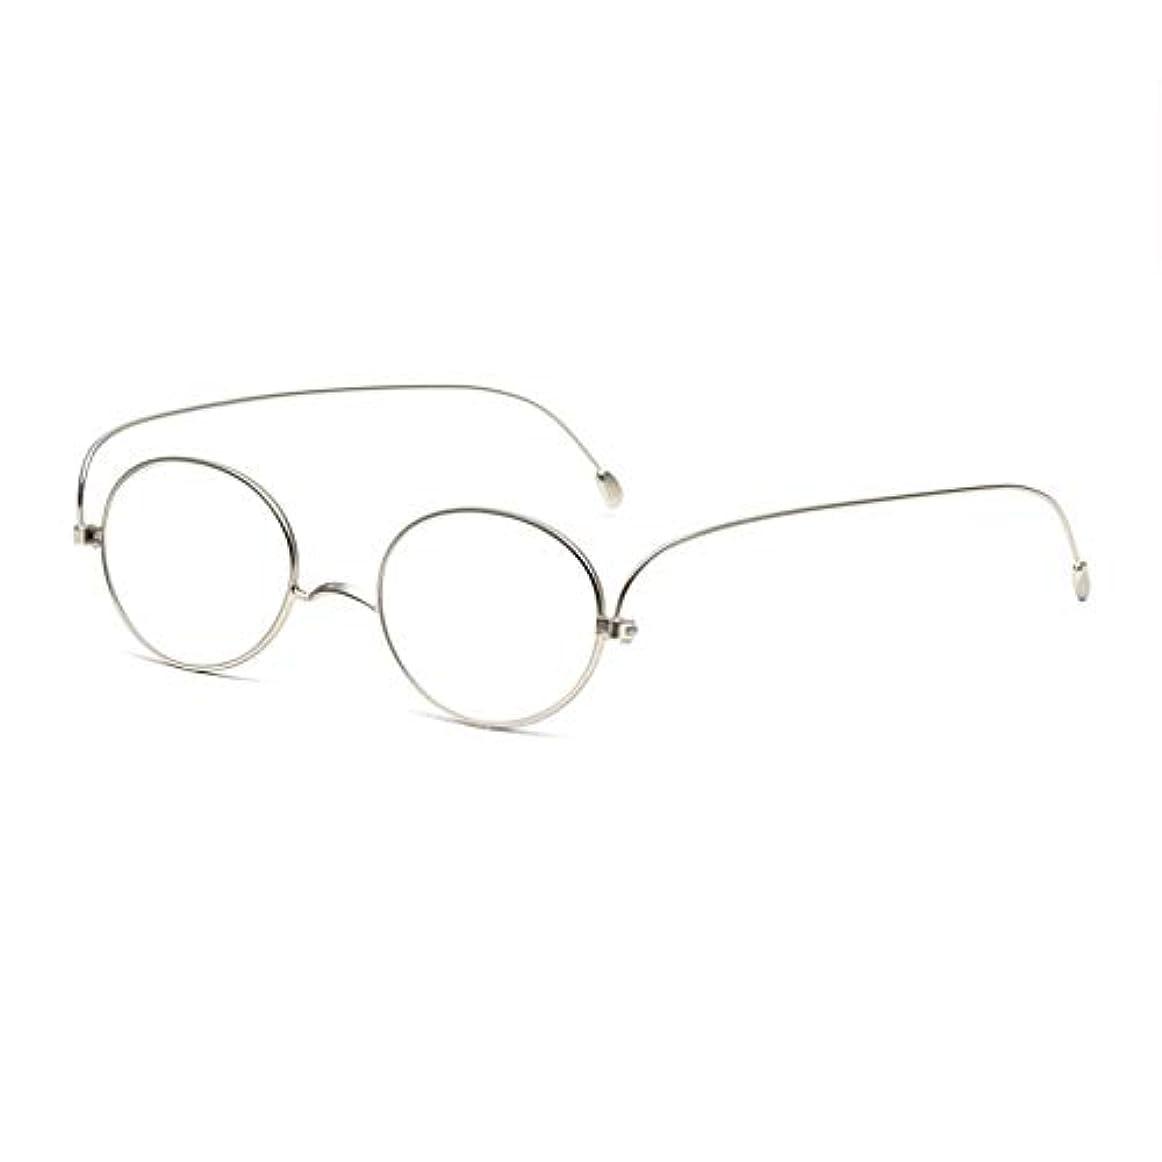 LCSHAN 薄くてスタイリッシュなシンプルな抗疲労の男性と女性のHDのためのレトロな老眼鏡 (Color : A, Size : 200 degrees)